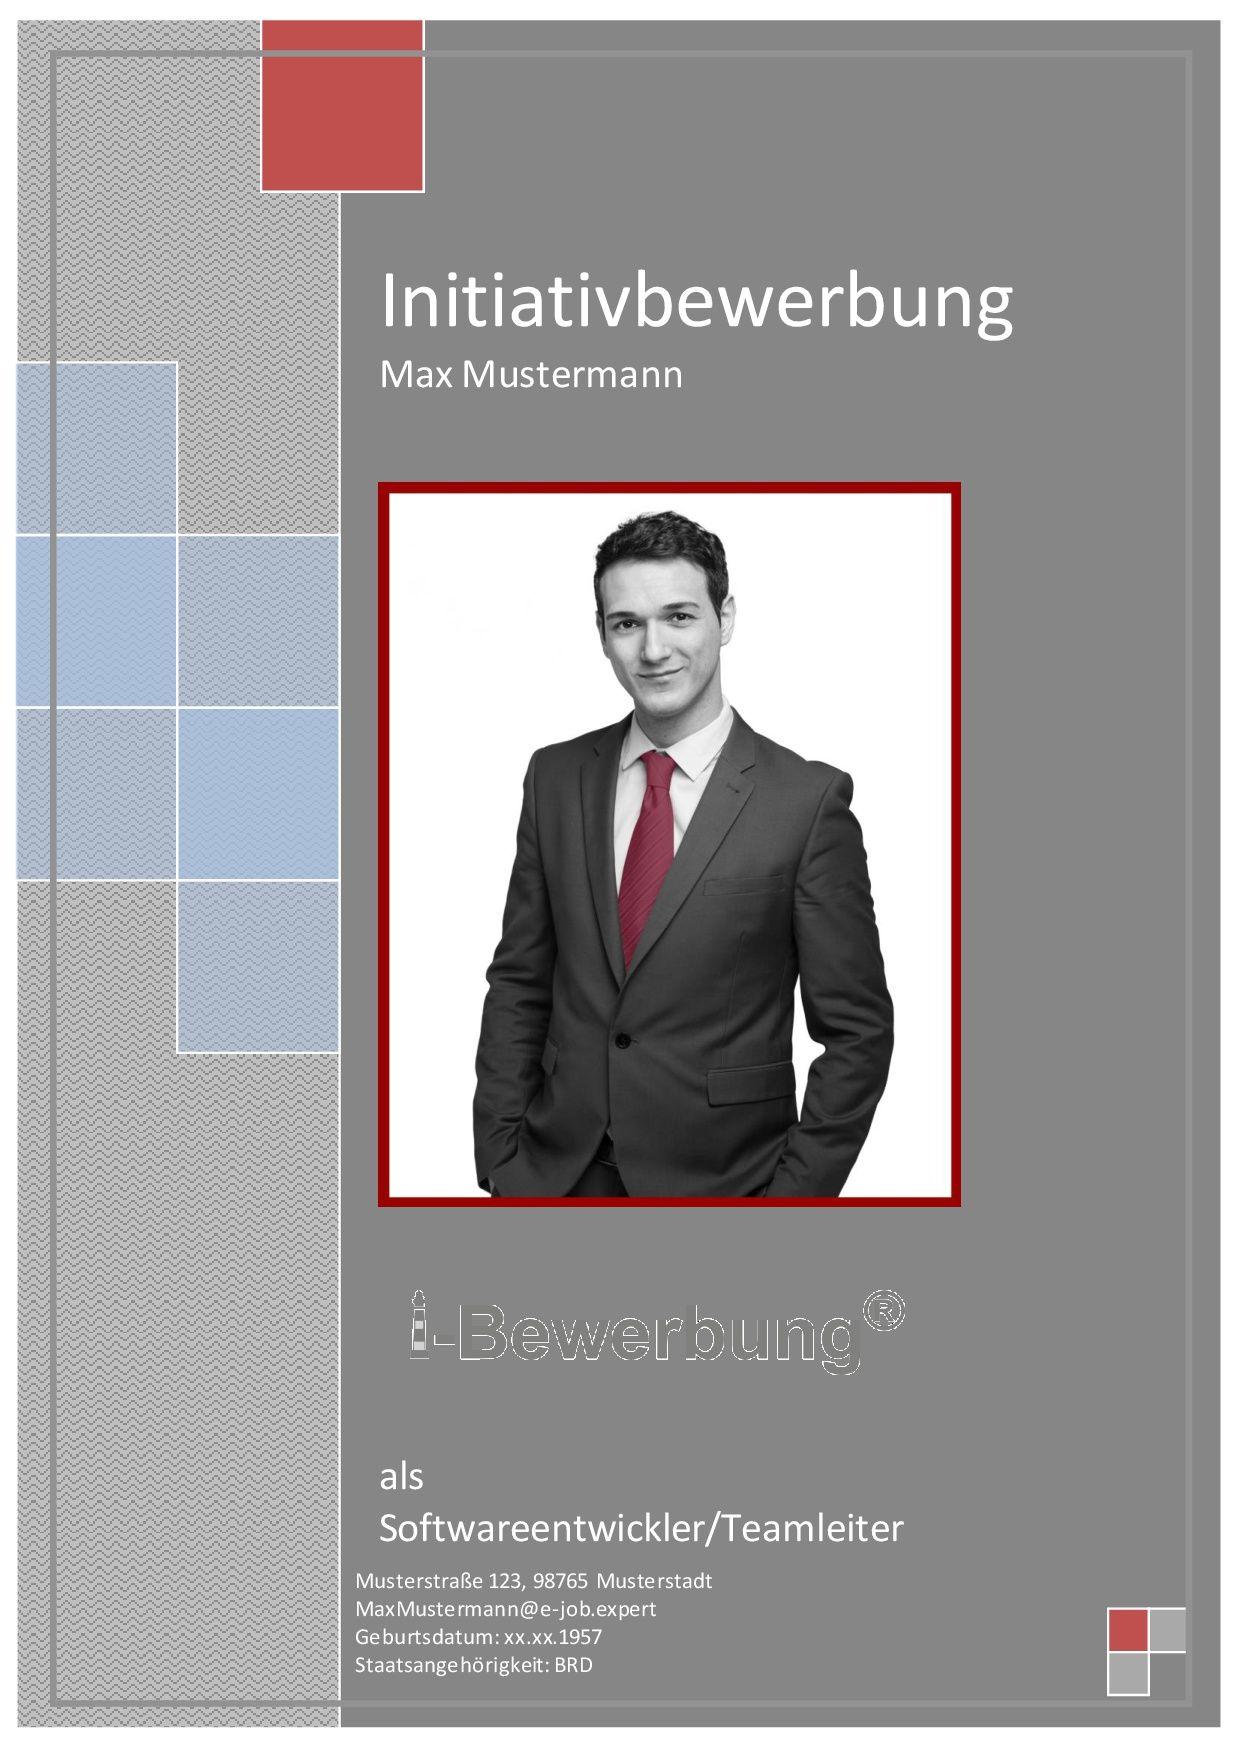 Beispiel Deckblatt Initiativbewerbung Als Software Entwickler